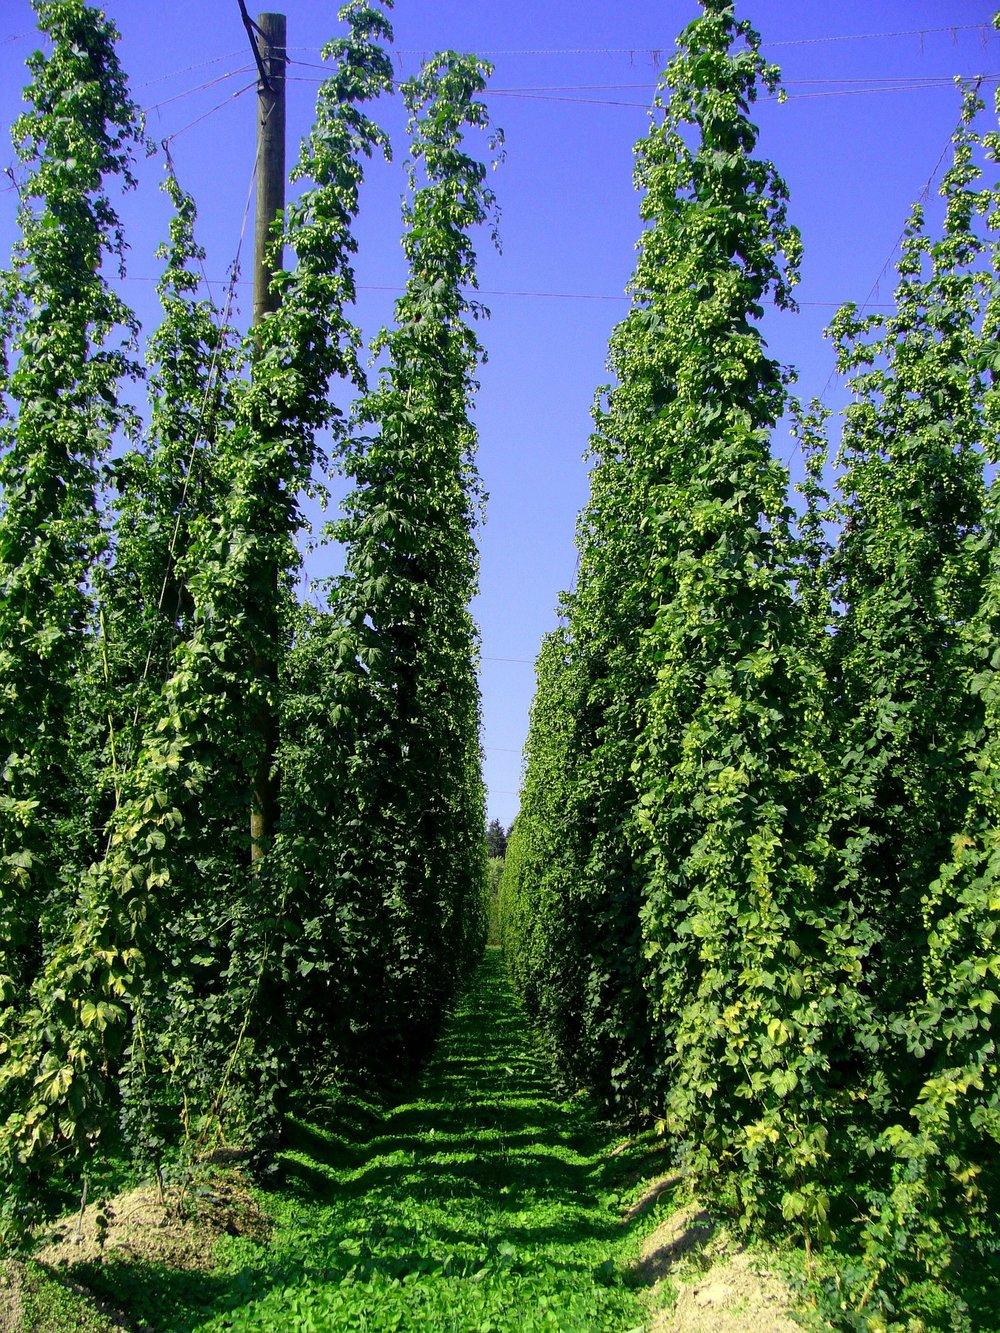 hop-vines-240579_1920.jpg